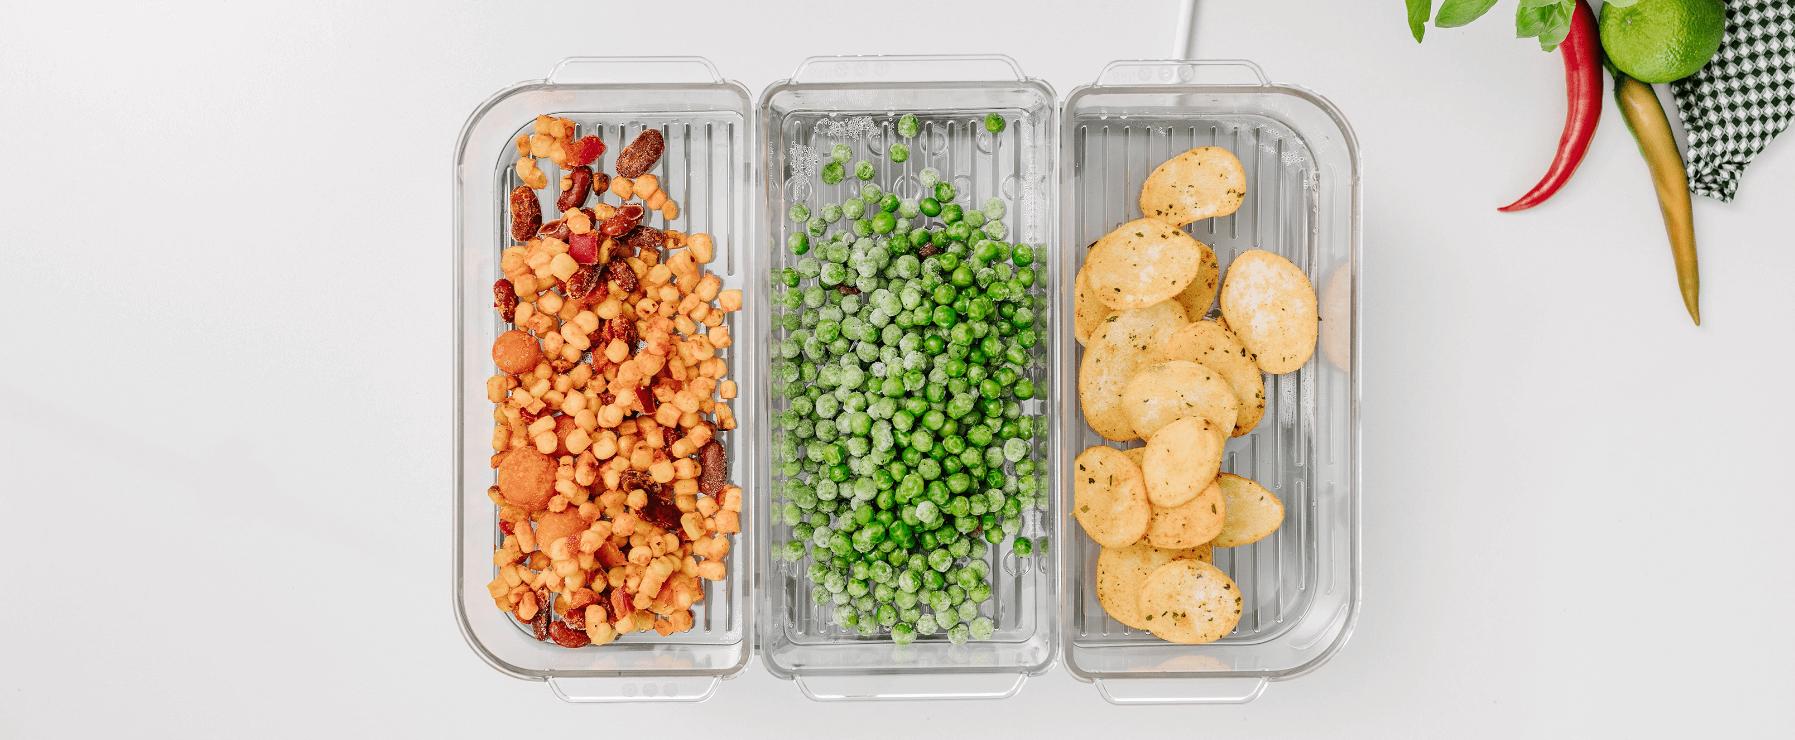 kant en klaar maaltijdbox mealhero